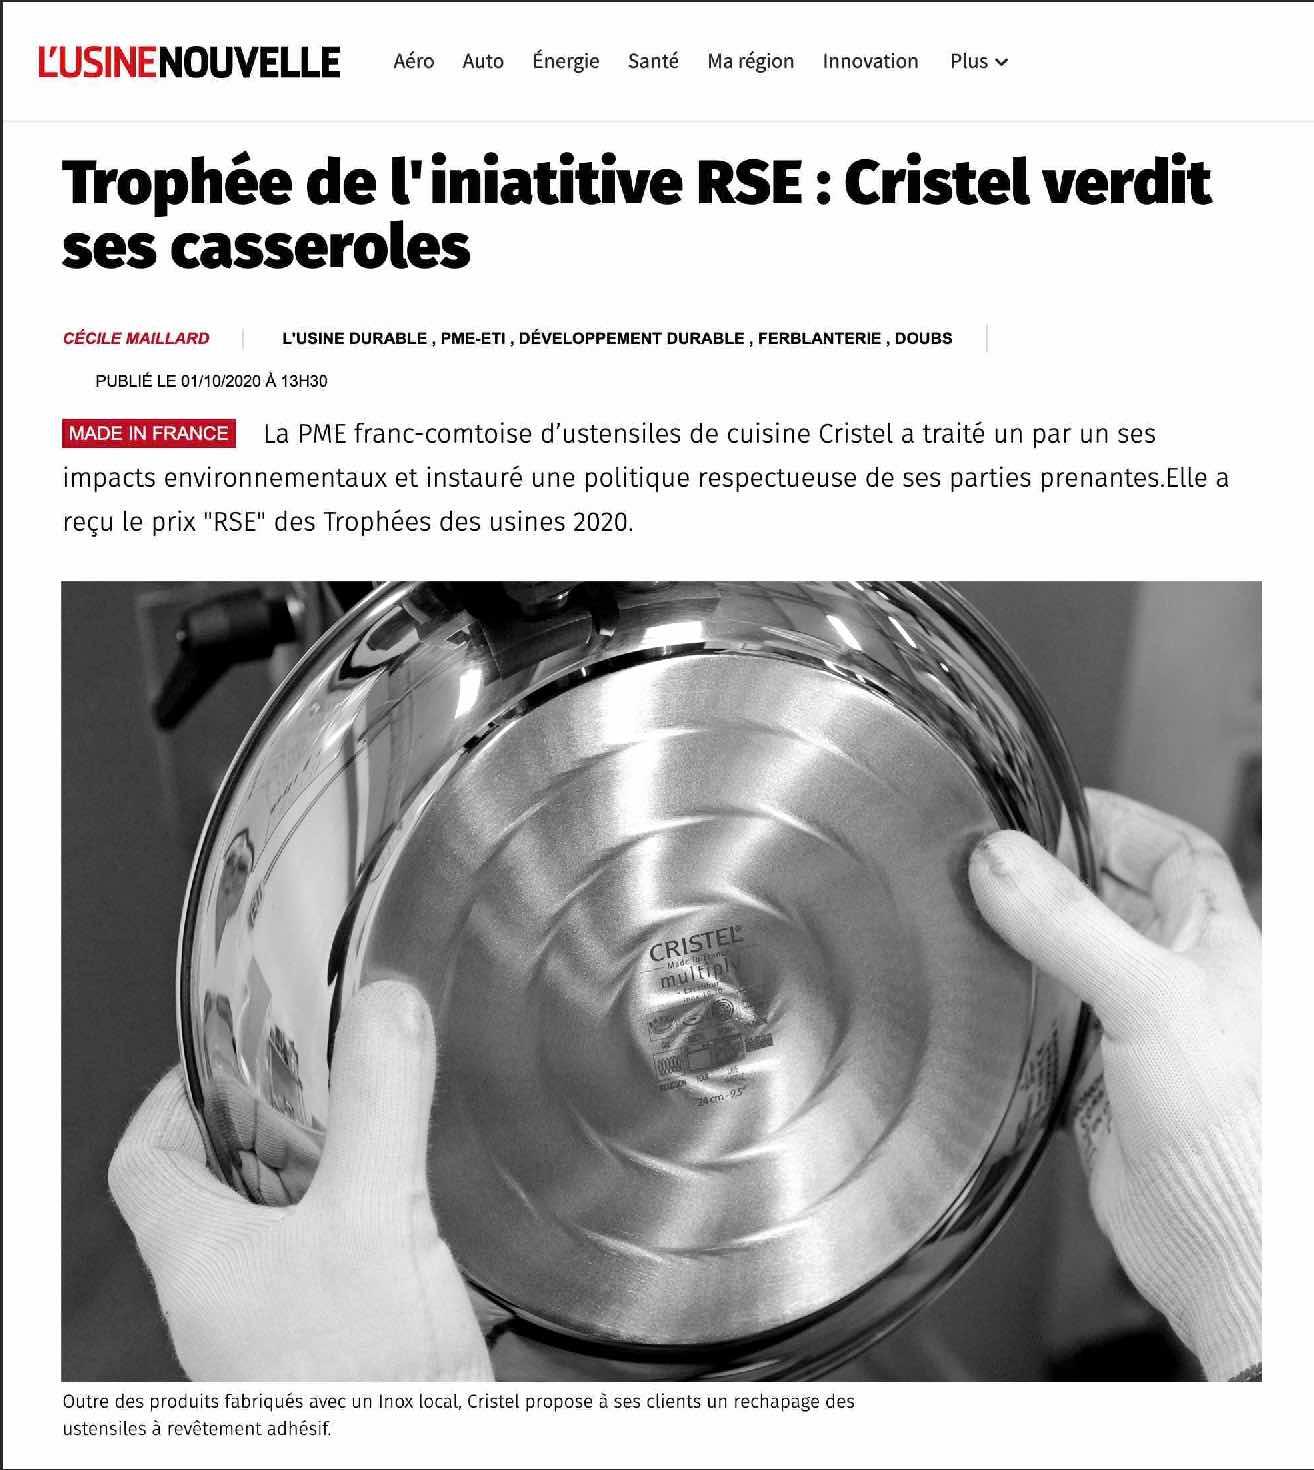 CRISTEL - Article Usine Nouvelle octobre 2020